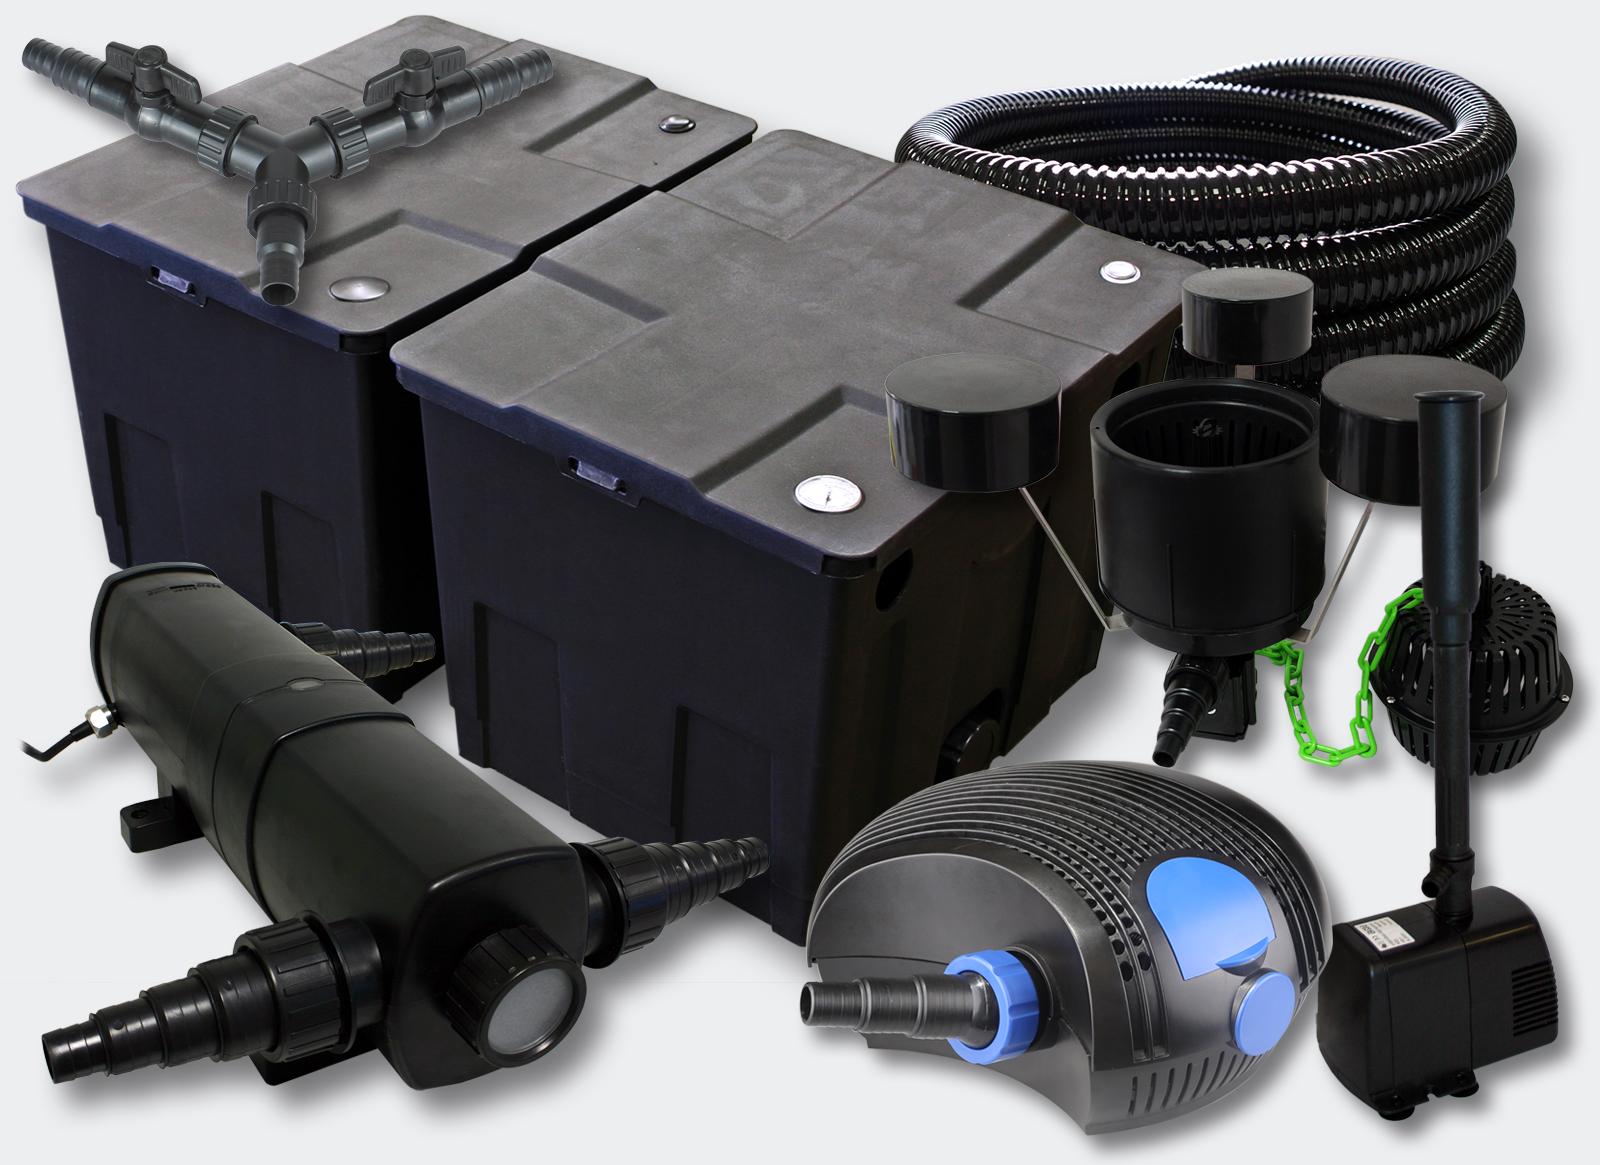 Wiltec kit filtration bassin 60000l 36w uvc 100w pompe for Kit filtration bassin